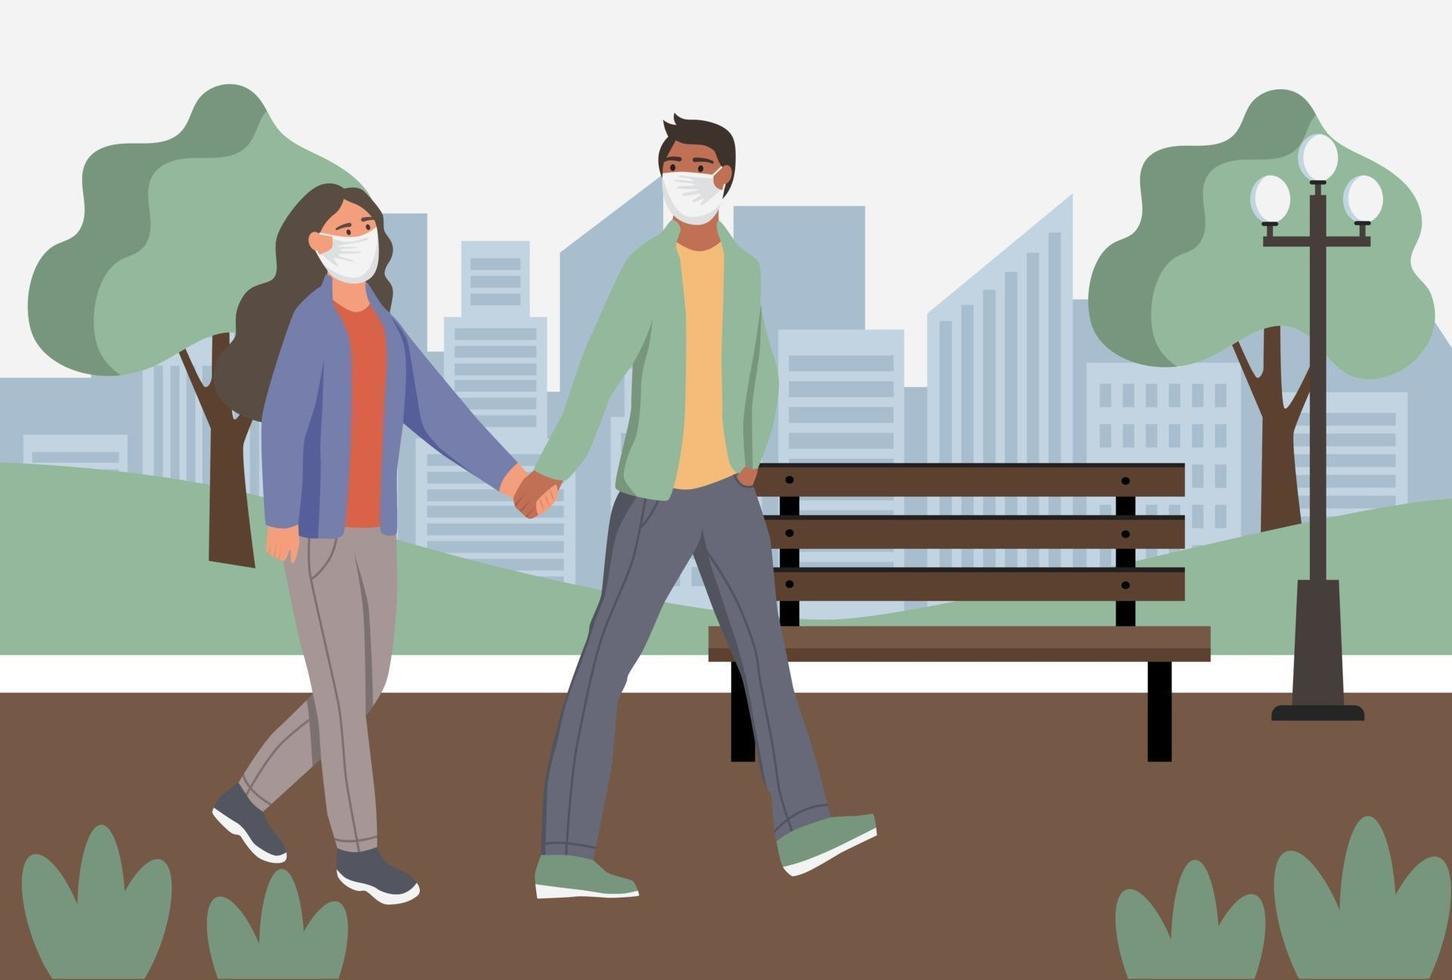 coppia in maschere antipolvere protettive wolk nel parco. protezione dall'inquinamento atmosferico urbano, smog, vapori. quarantena del coronavirus, concetto di virus respiratorio. illustrazione vettoriale di cartone animato piatto.